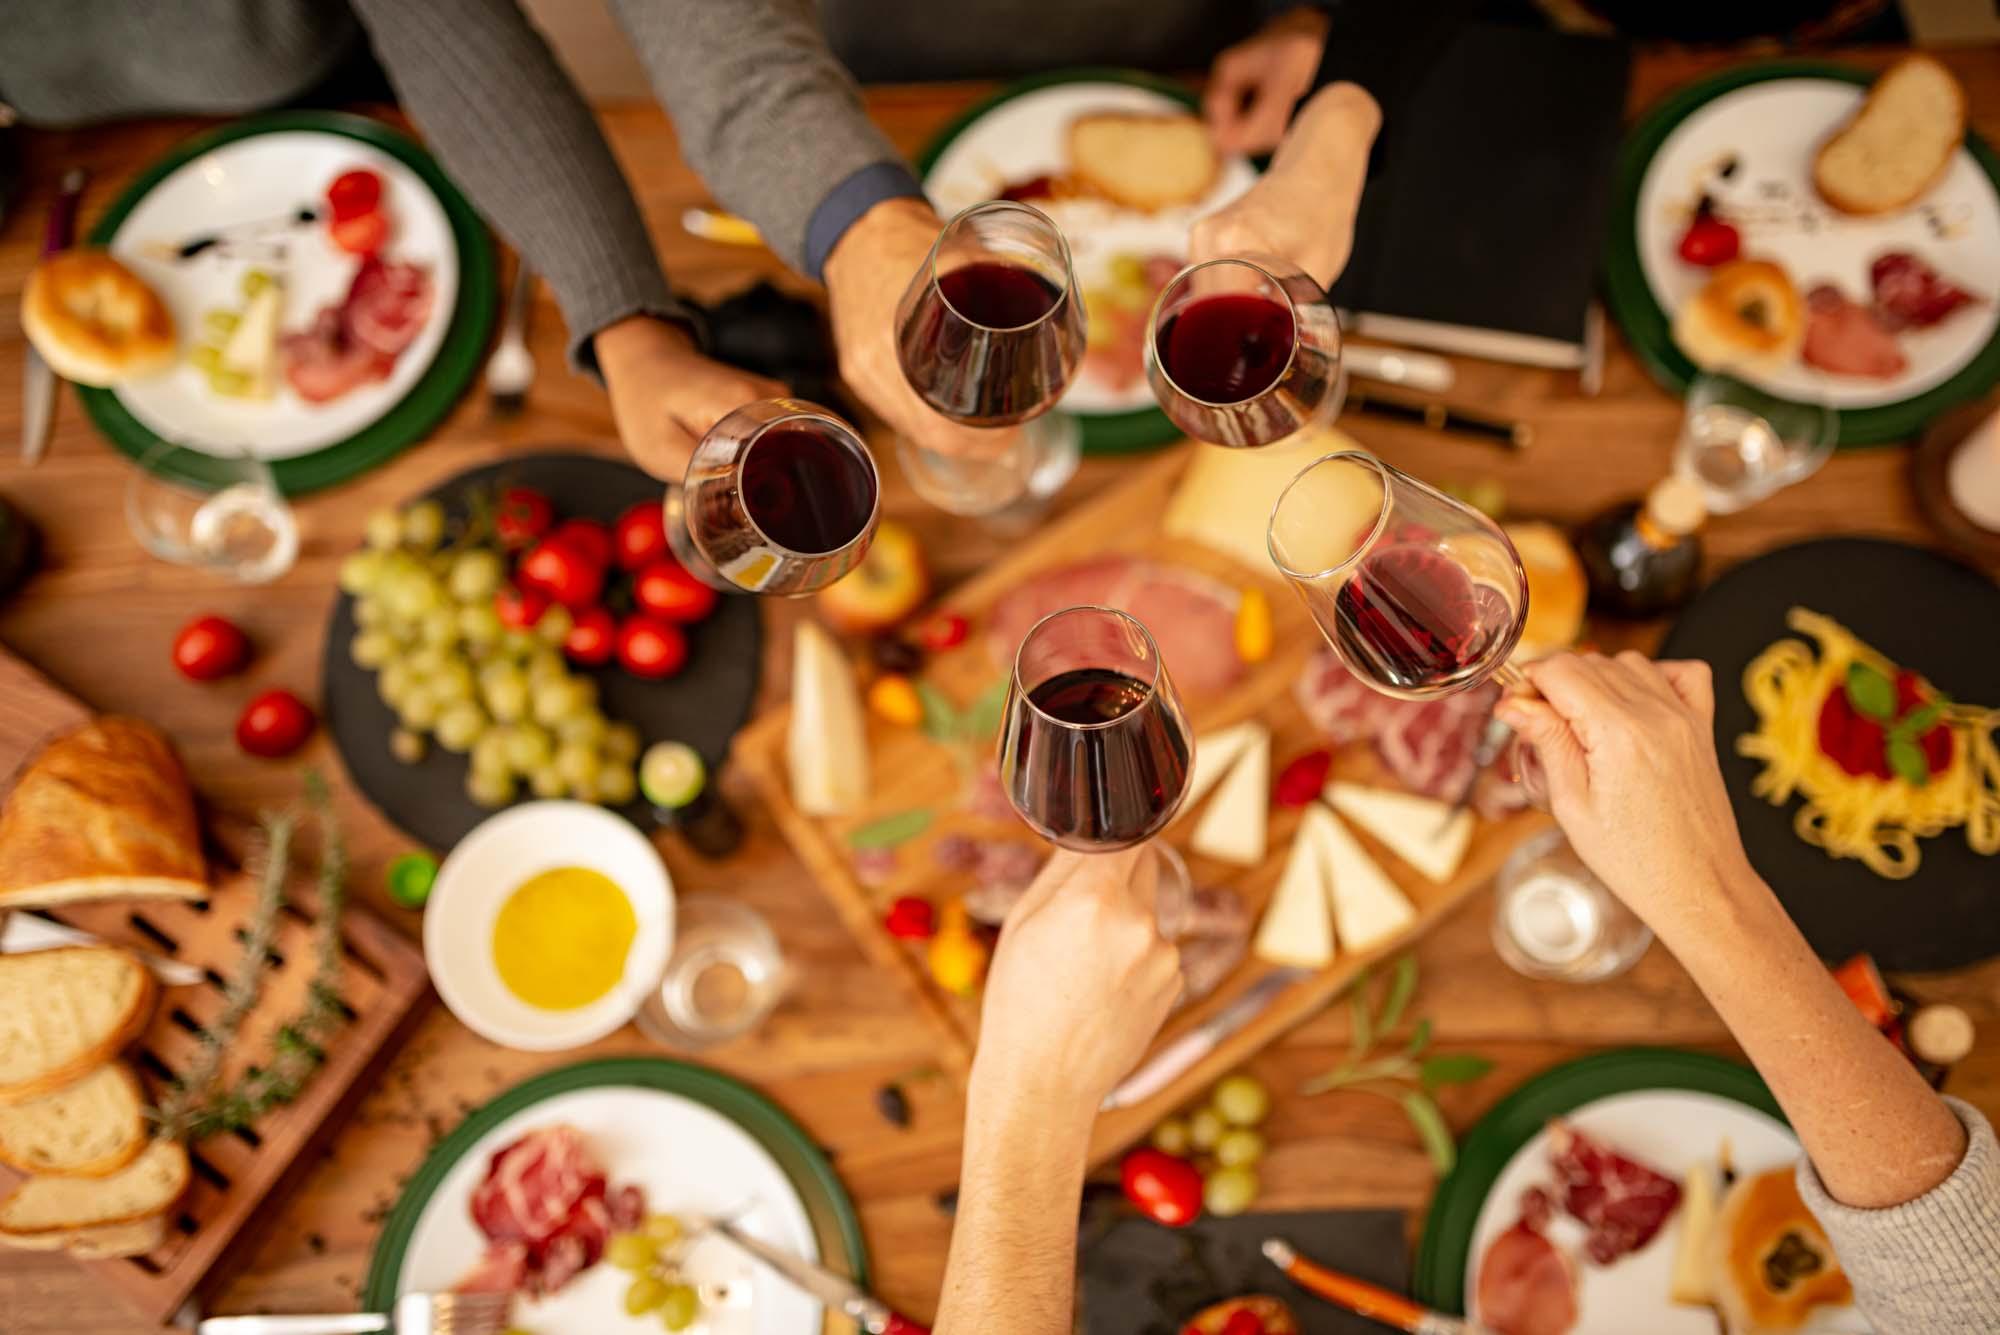 Cucina Amatoriale Cene Aziendali a Trieste